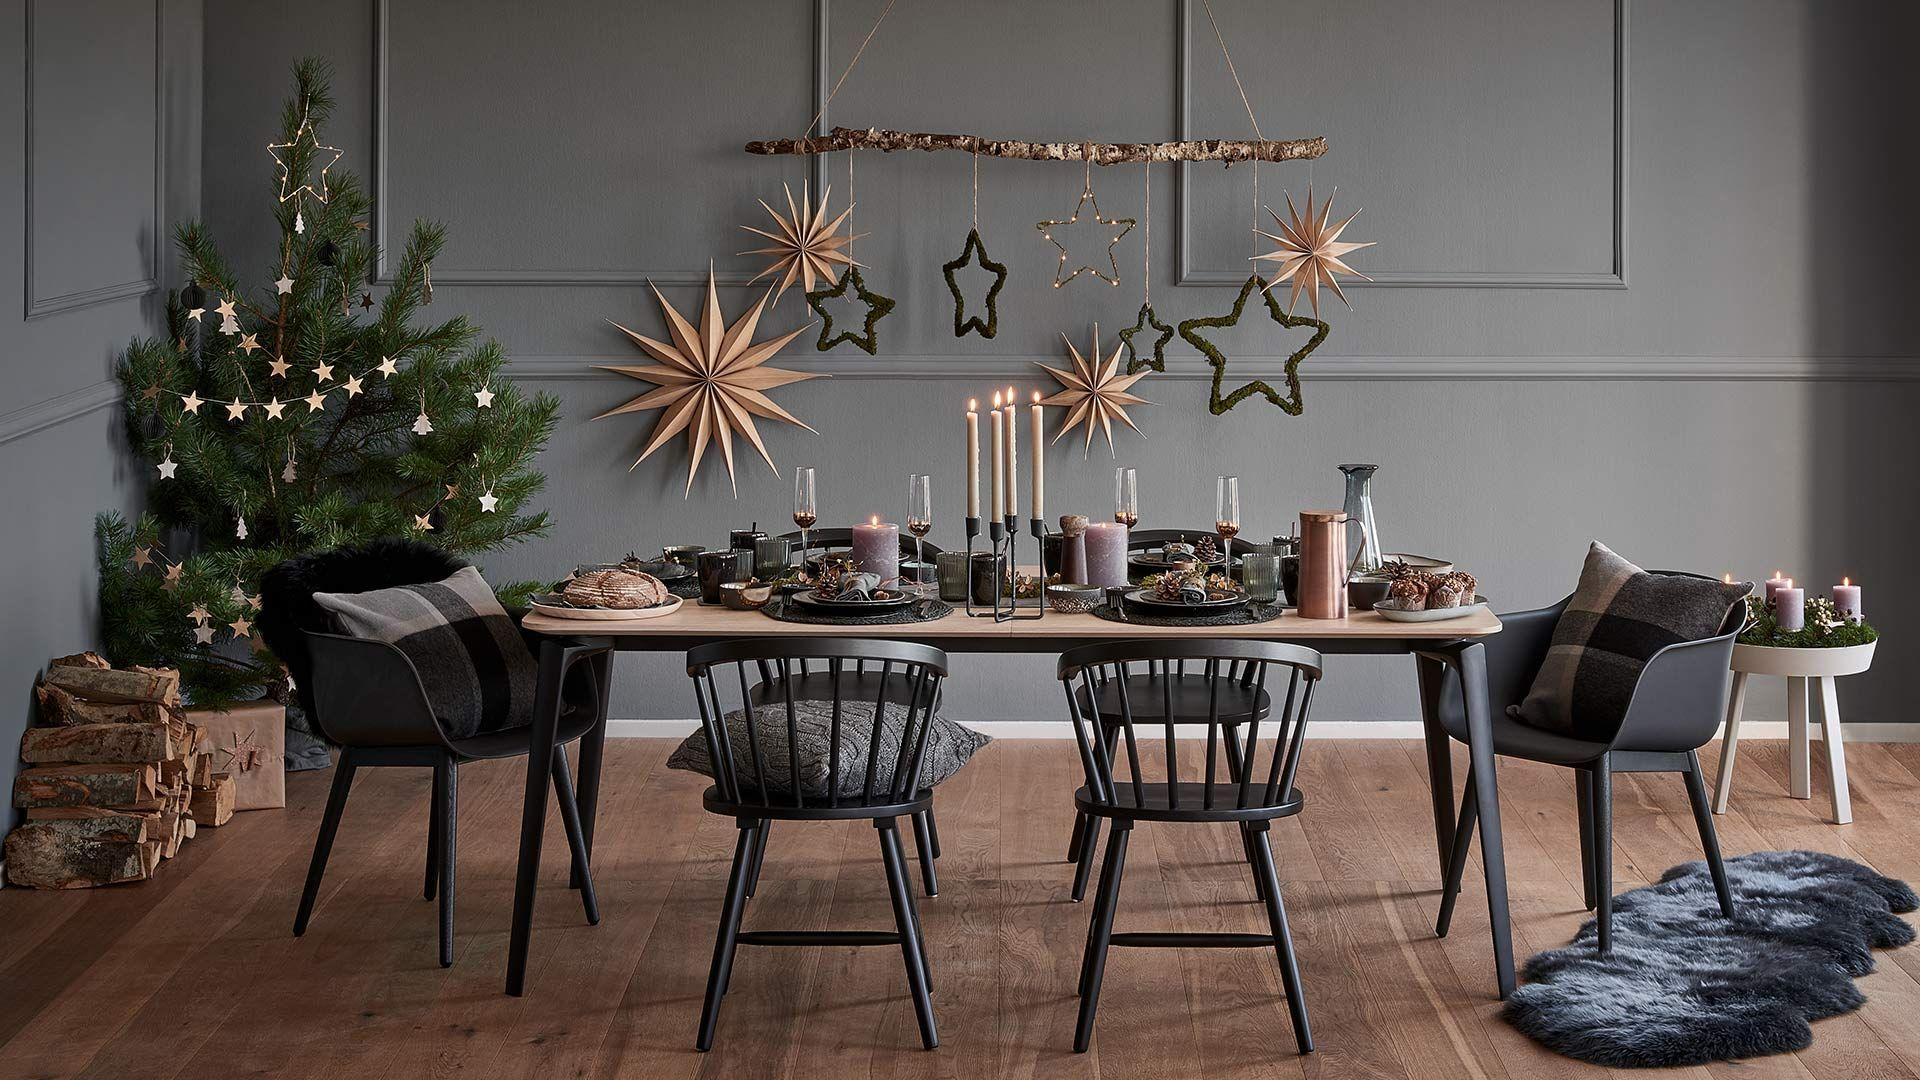 nordische weihnacht shop the look alle produkte dieses looks zum shoppen im look vollbild. Black Bedroom Furniture Sets. Home Design Ideas